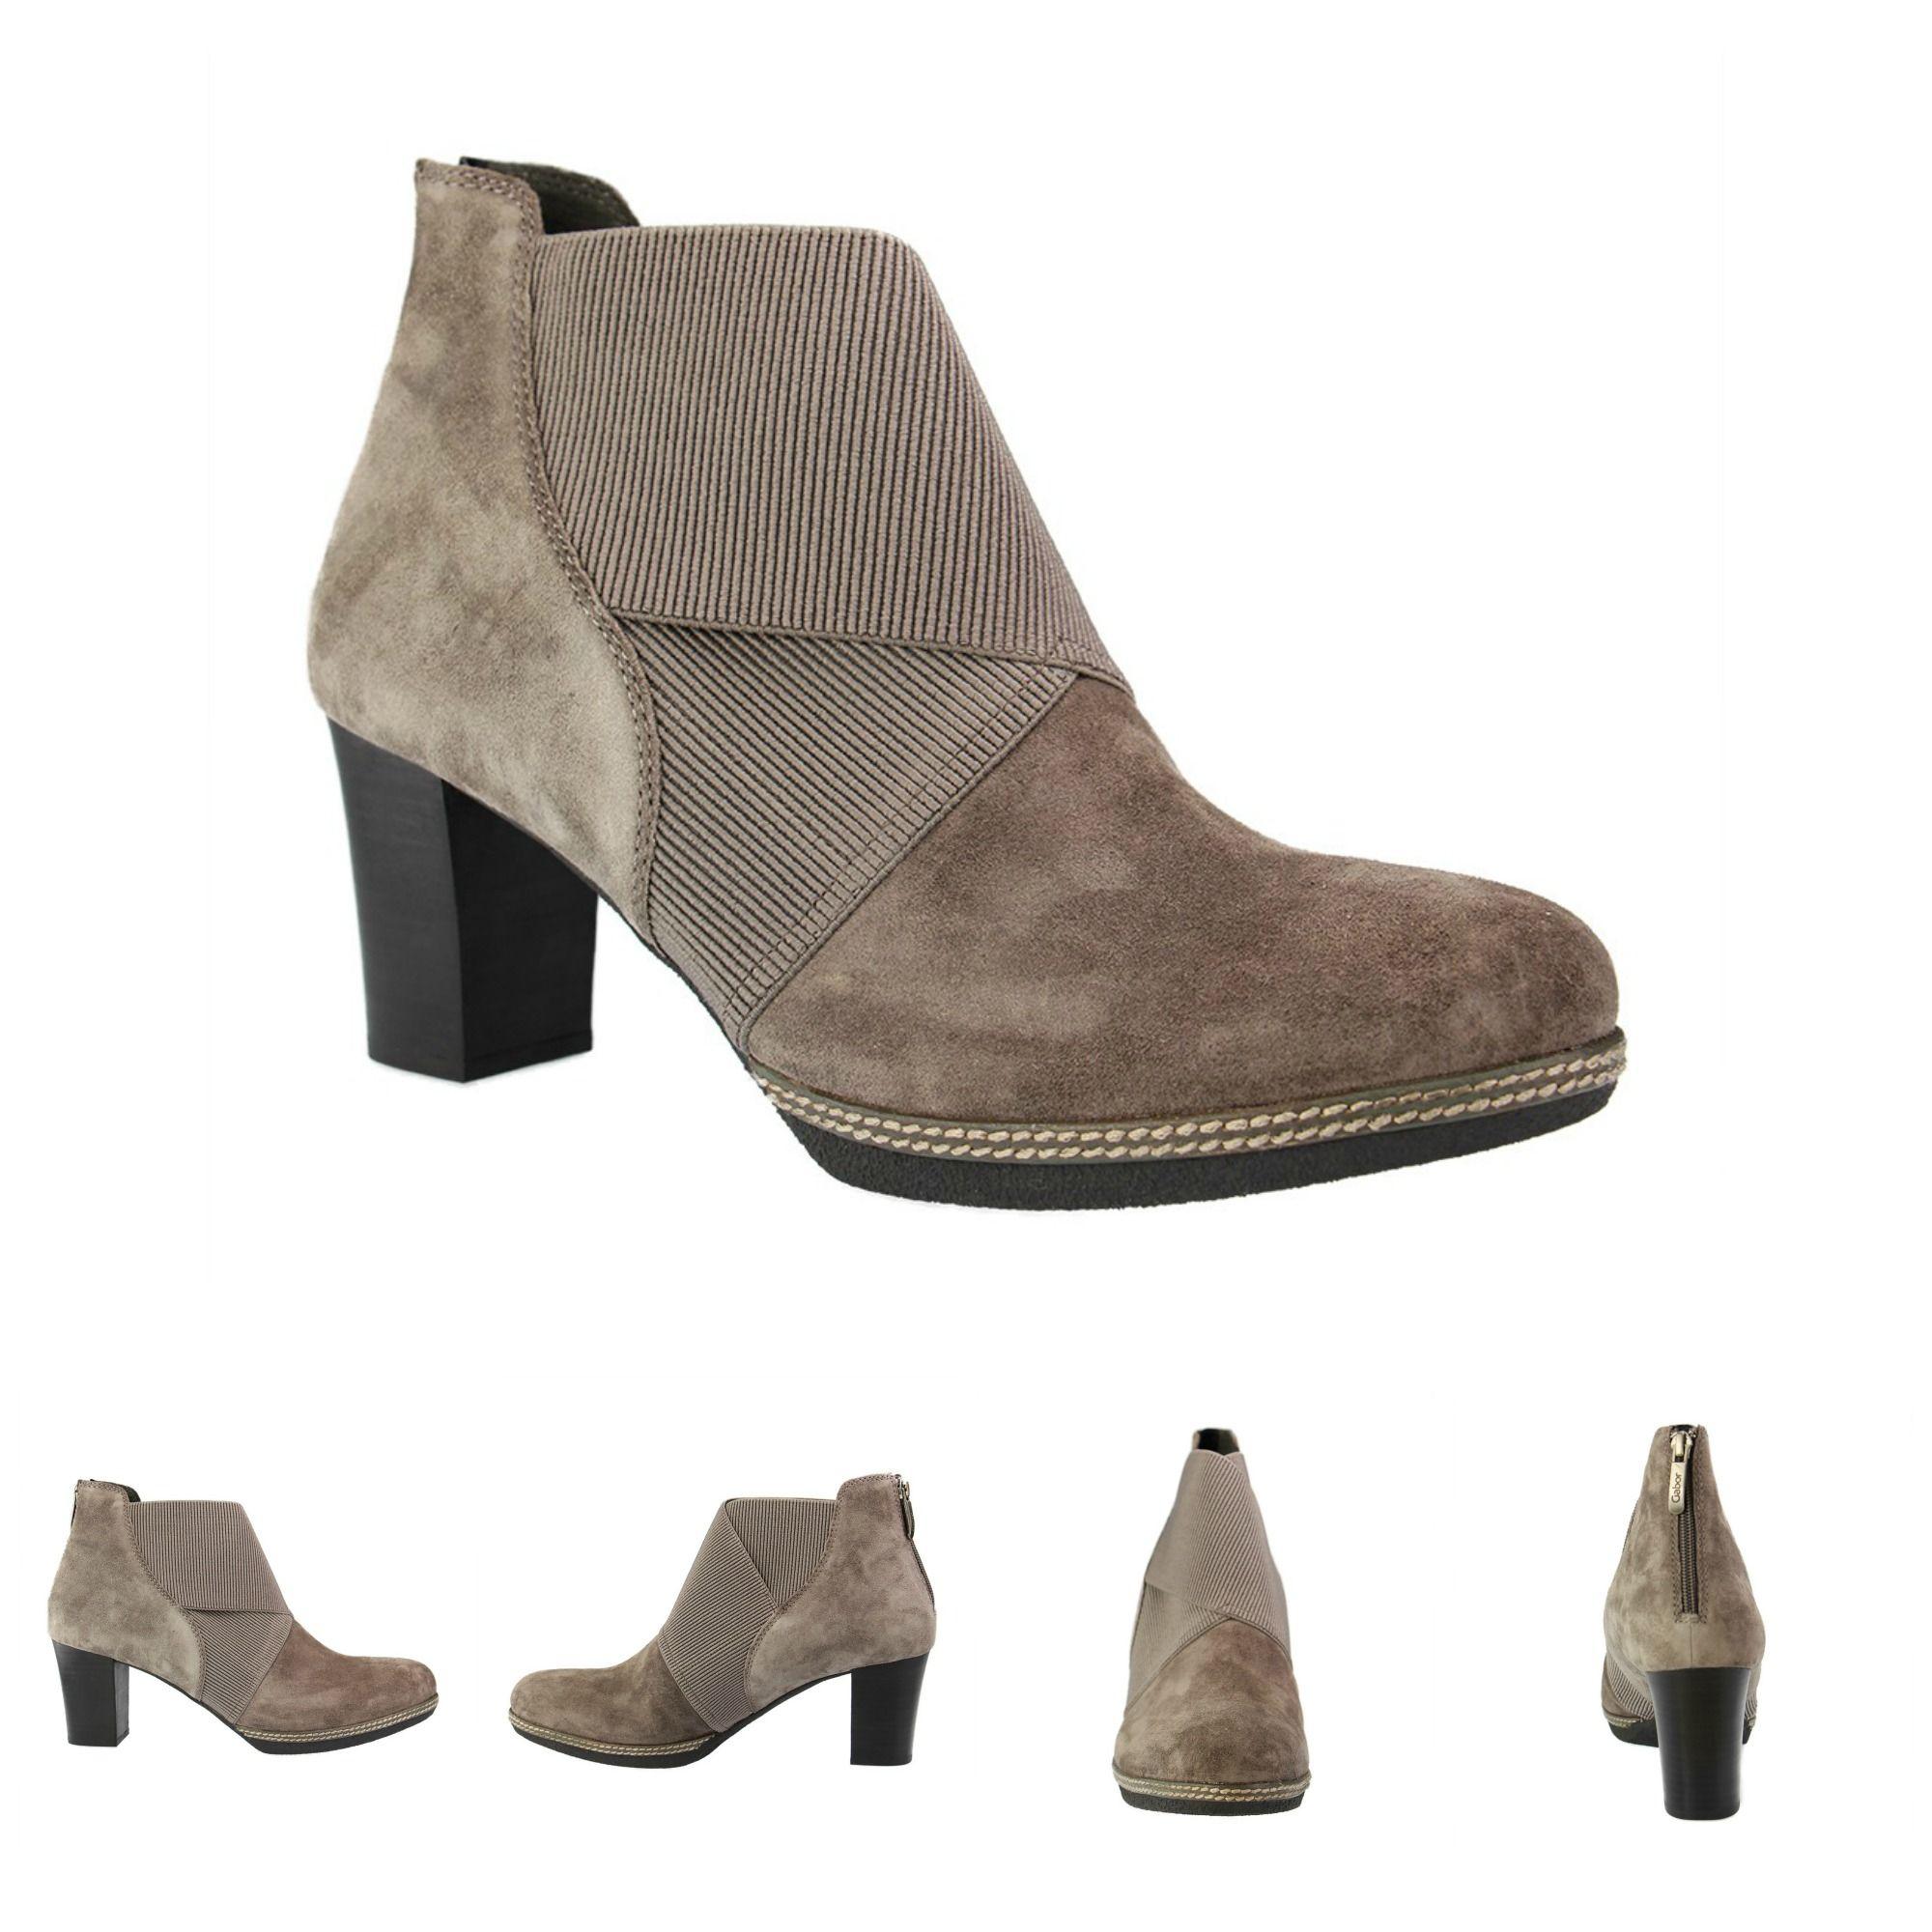 72f32d4c0e Jetzt neu bei SchuhXL: Herbst- Stiefelette für Damen in Übergrößen, Farbe  Grau mit Plateau-Sohle, praktischen Gummizügen und einem Reißverschluss an  der ...